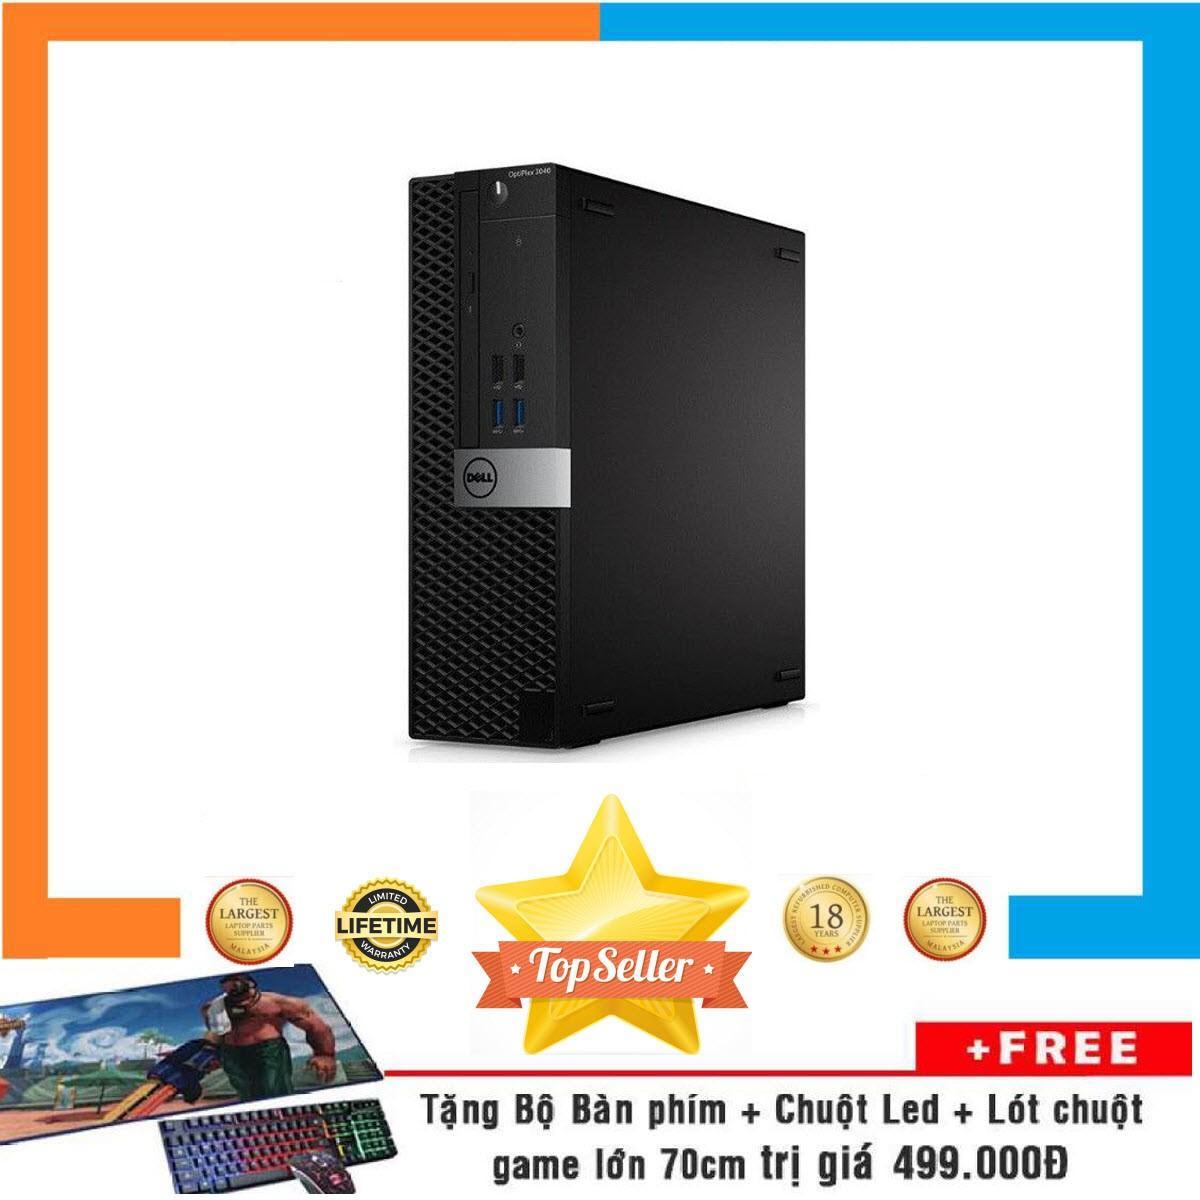 Máy tính doanh nghiệp Dell Optiplex 3040 SFF Nguyên Bản, Chạy CPU Core I7 6700, Ram 16GB, SSD 240GB, HDD 1TB + Bộ Quà Tặng